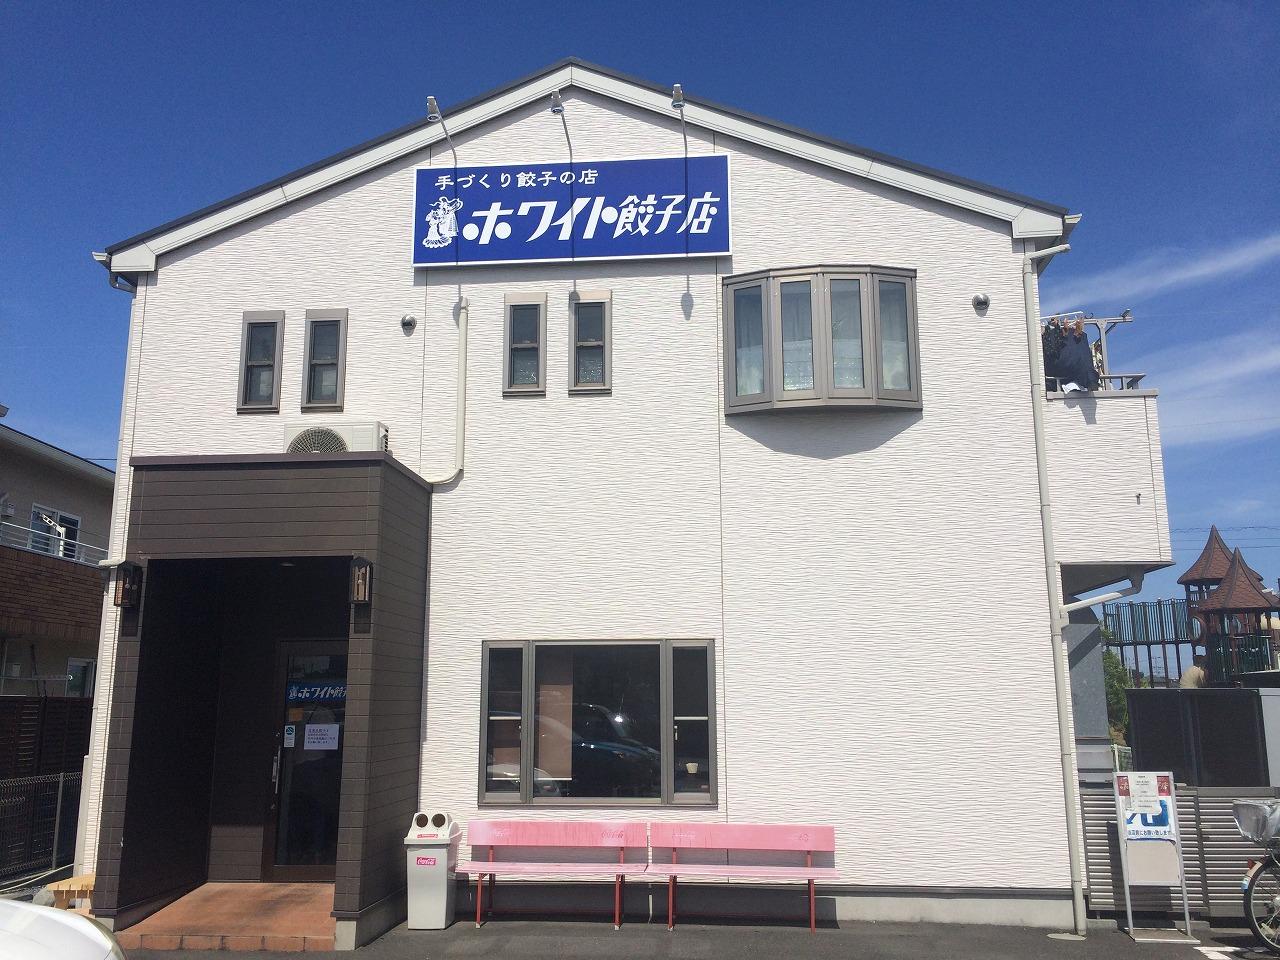 ホワイト餃子三郷店